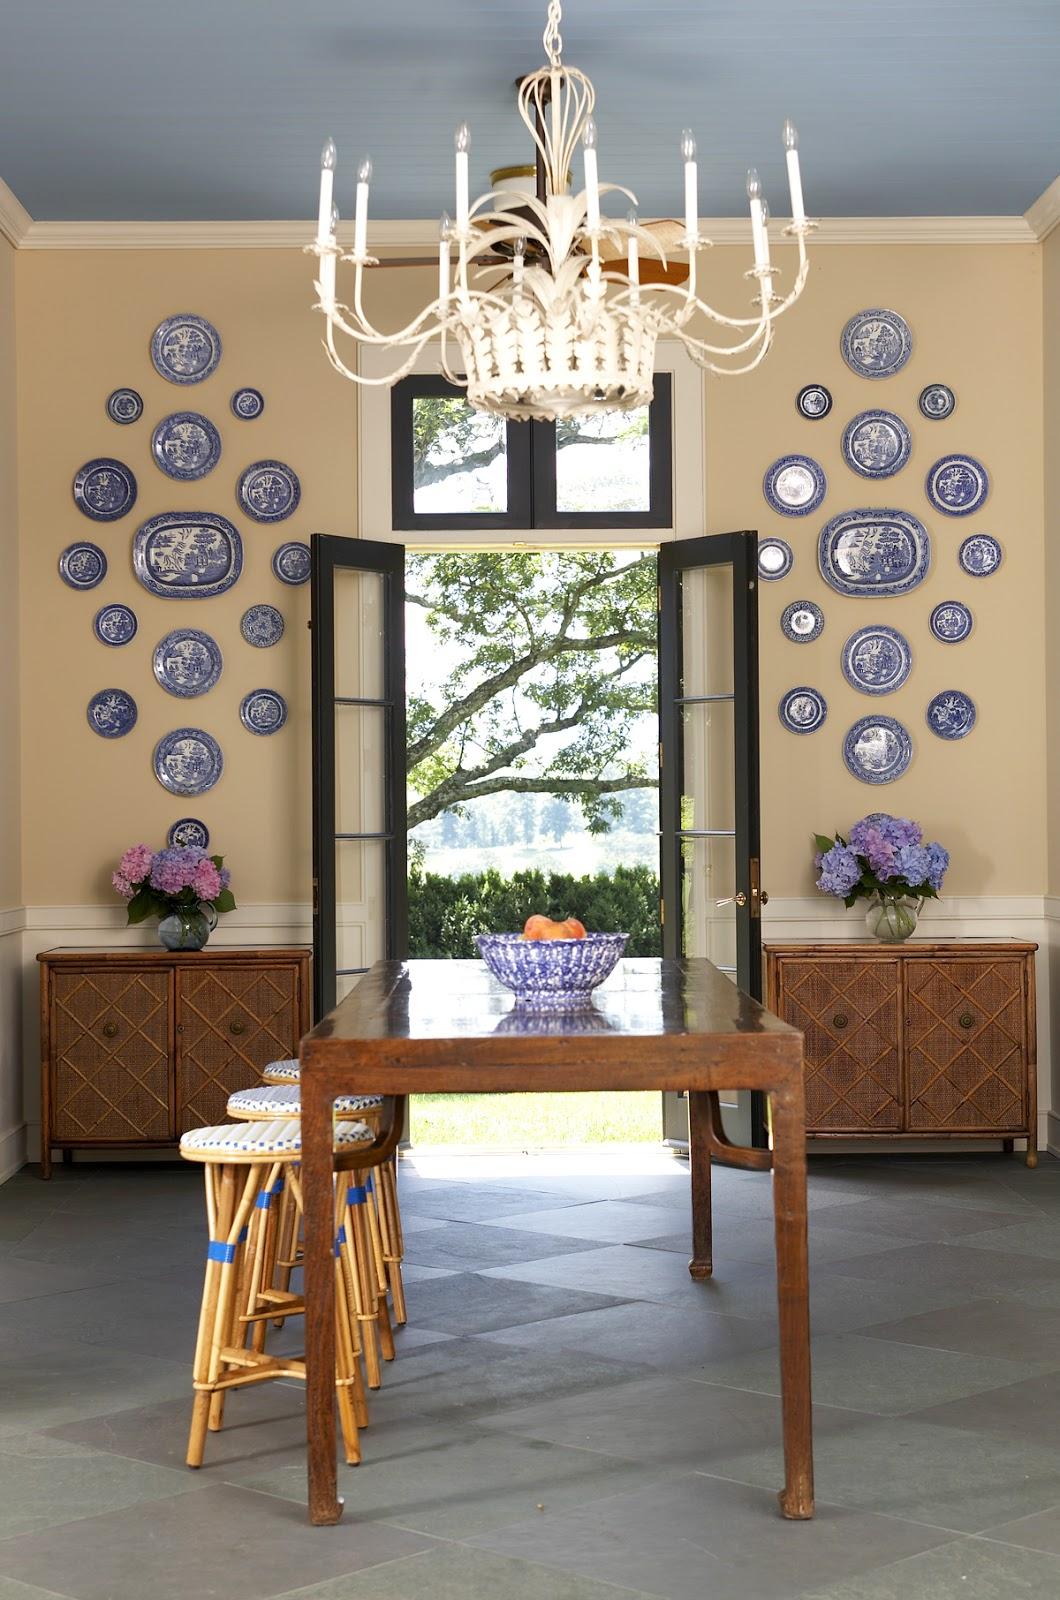 Бело-синие тарелки на стене около дверей